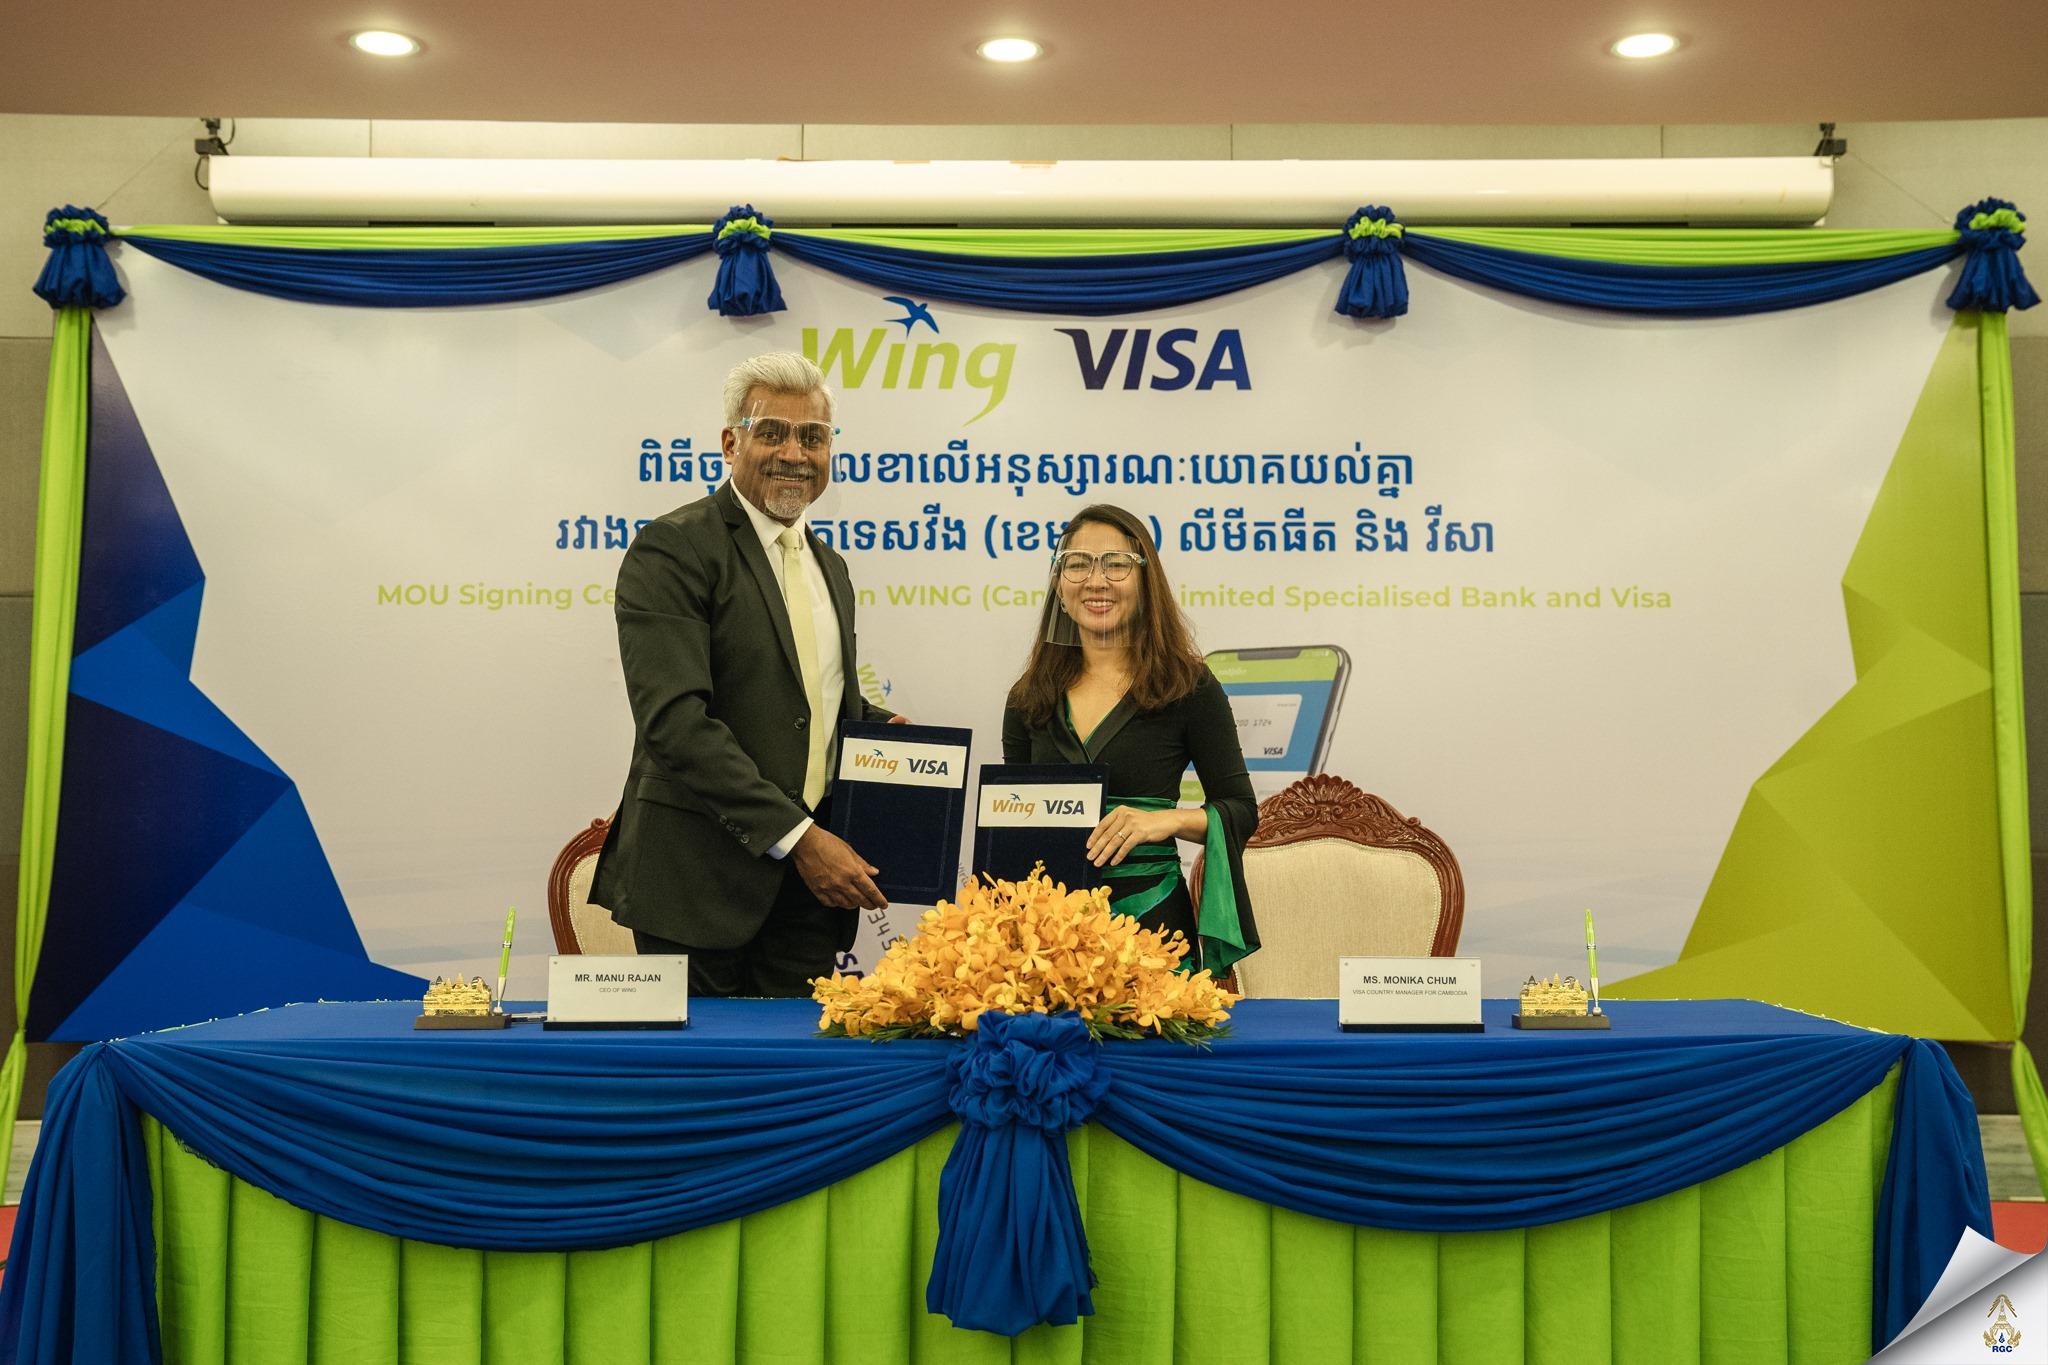 វីង ចុះហត្ថលេខាលើអនុស្សារណៈនៃការយោគយល់ជាមួយ Visa Card